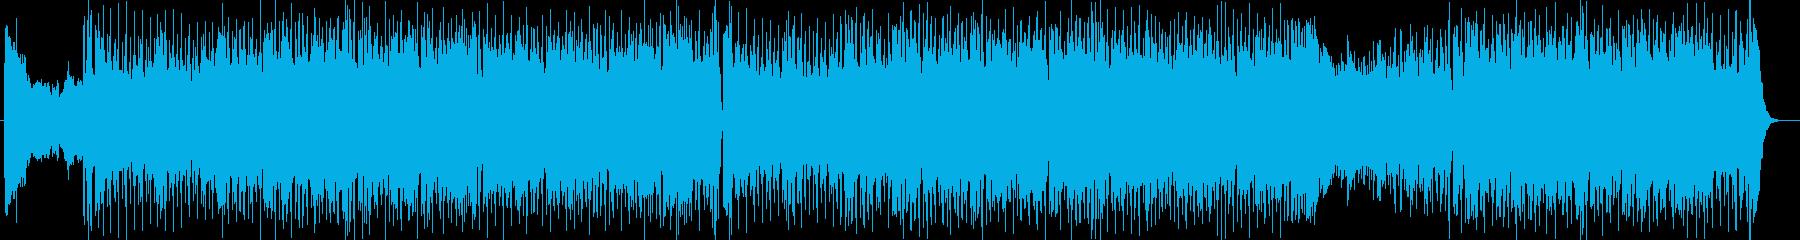 爽快感のあるシンセサイザーサウンドの再生済みの波形